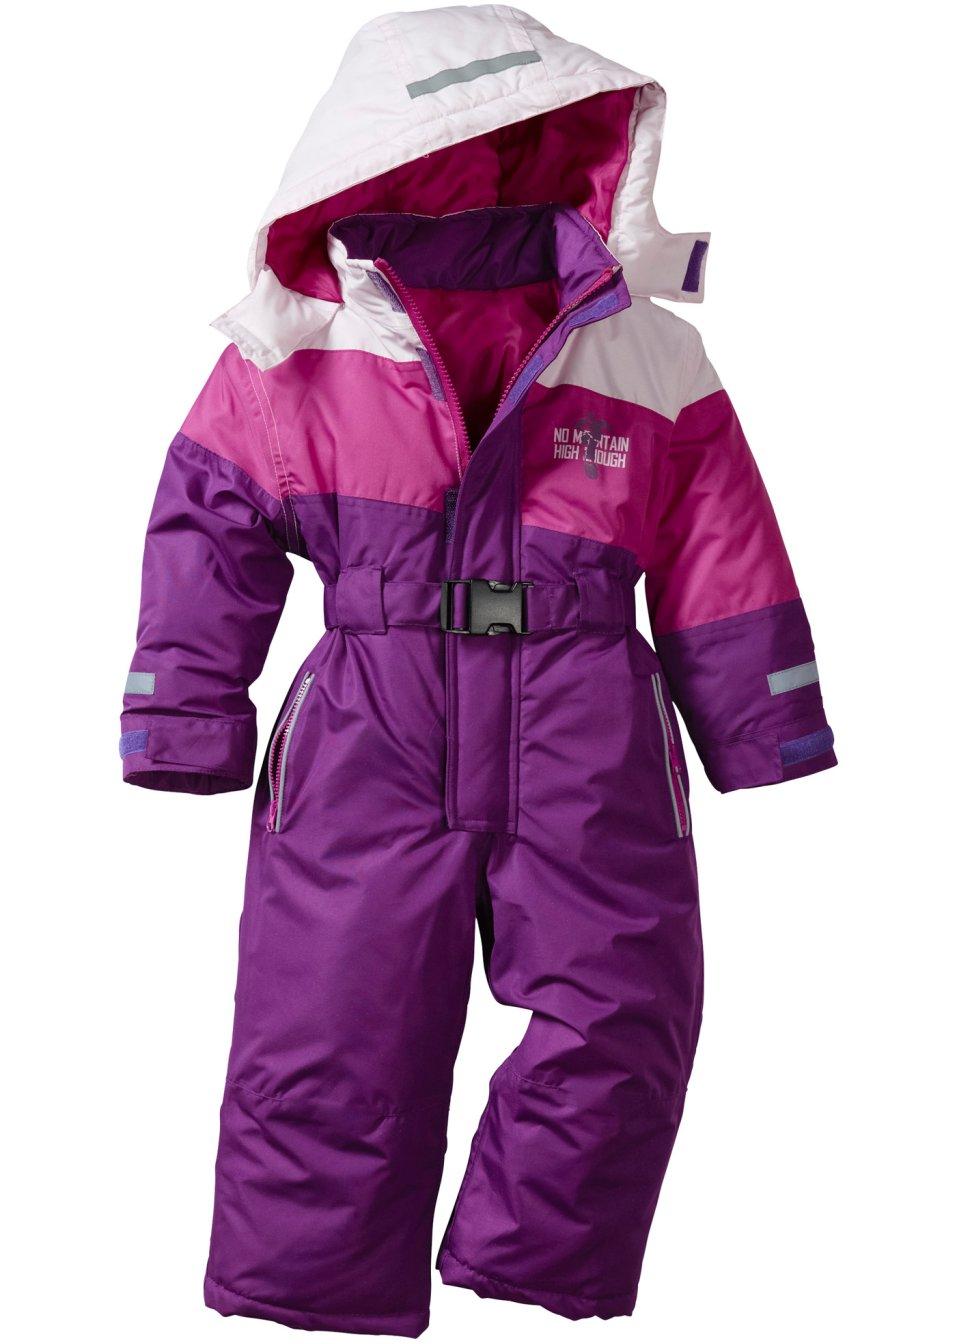 Combinaison de ski violet pervenche parme fuchsia moyen bpc bonprix collect - Bonprix suivi de commande ...